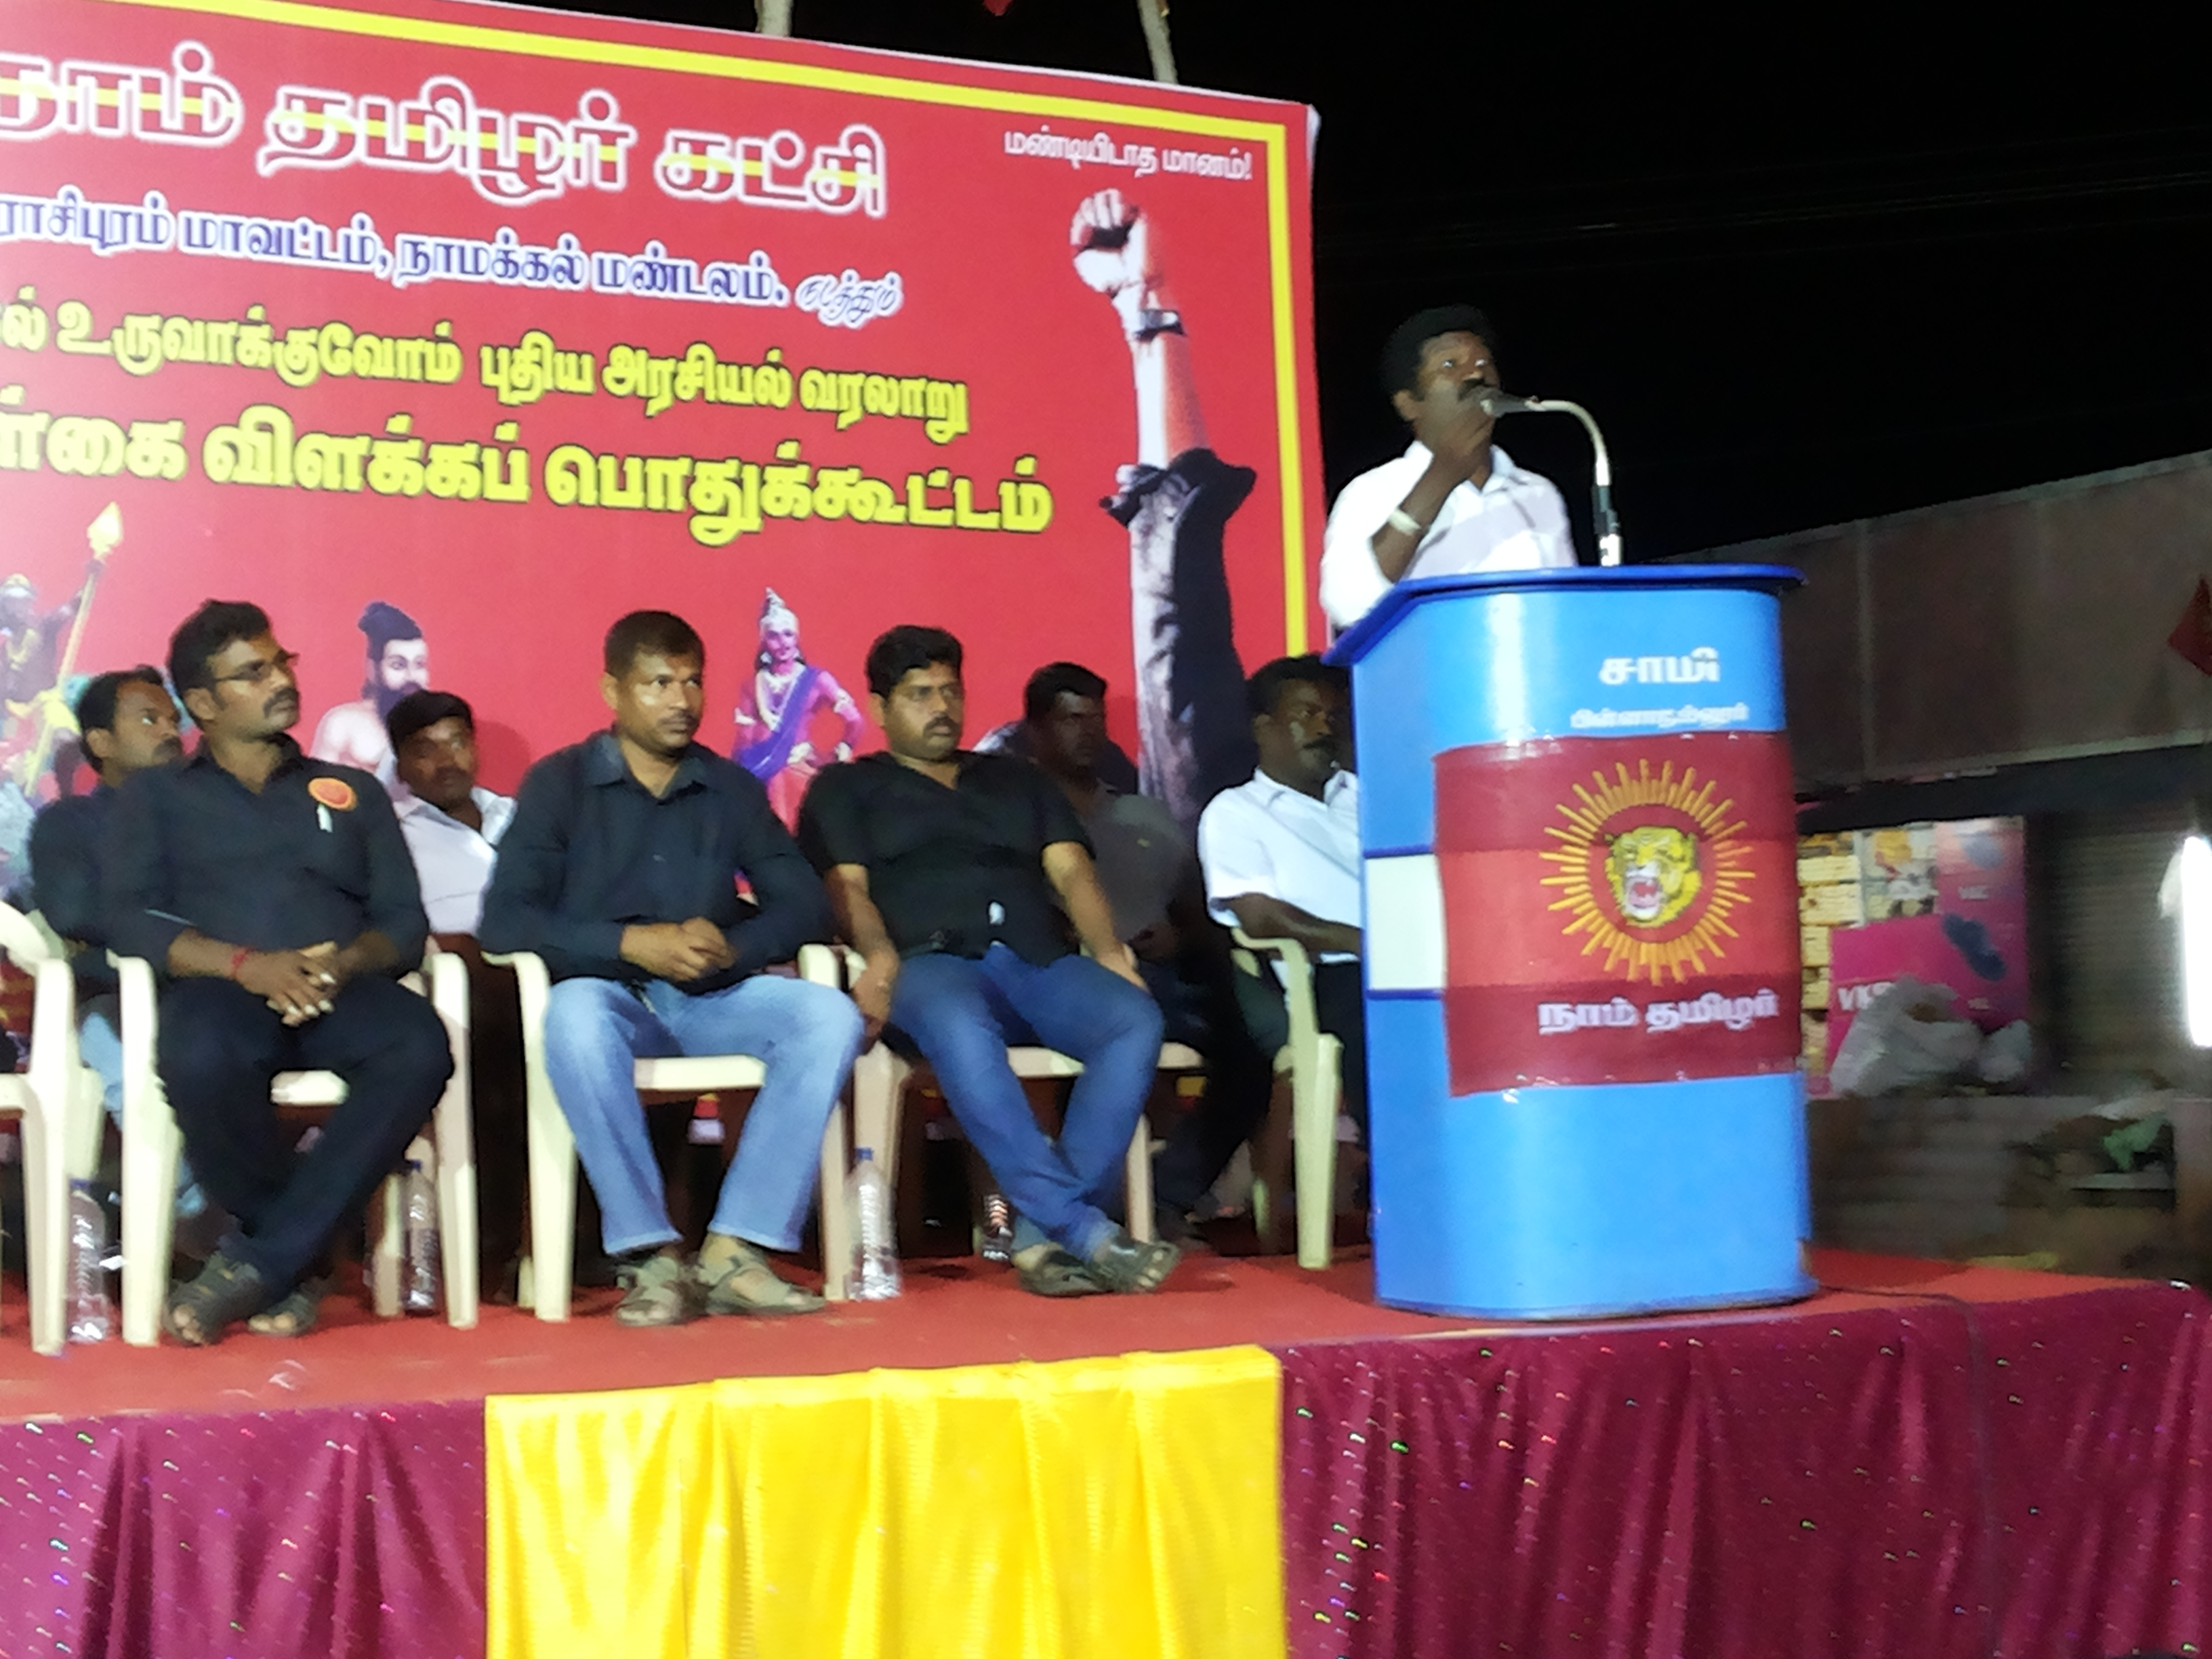 நாமக்கல்,ராசிபுரத்தில் கொள்கைவிளக்கப் பொதுக்கூட்டம் நடைபெற்றது. 20150103 202753